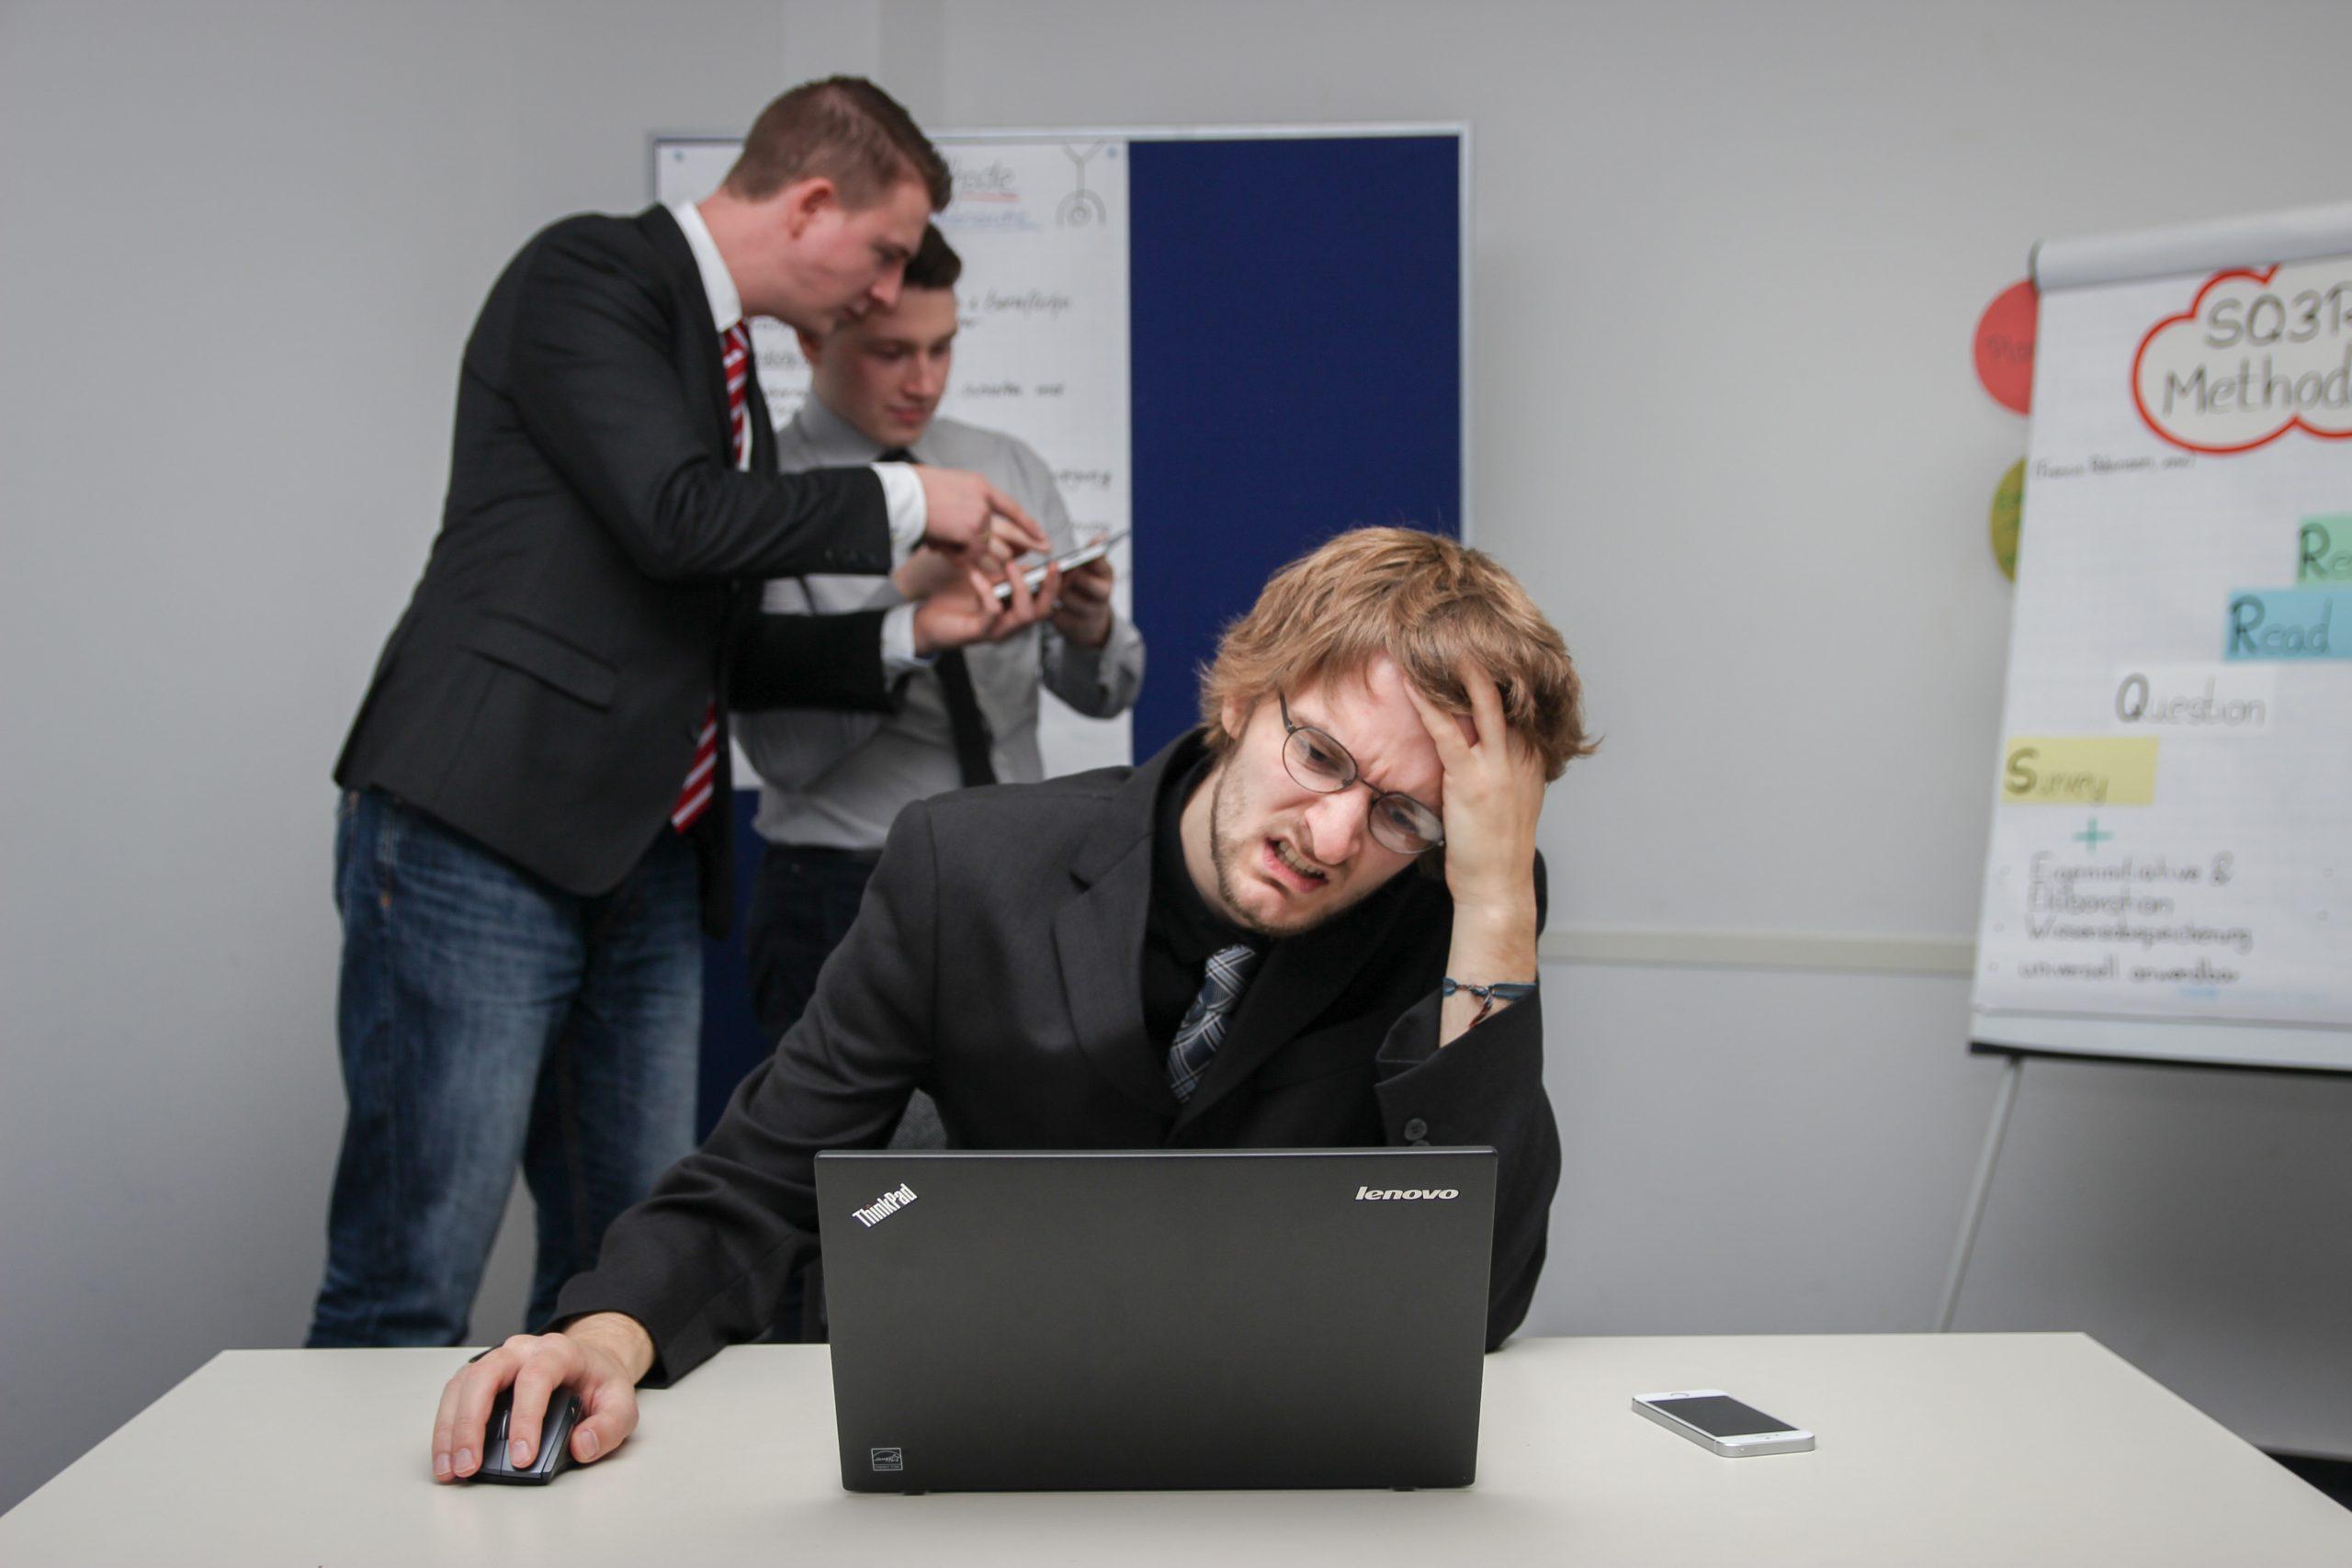 仕事を楽しいと思ったことがない理由9選【やりたいことをやっていない人は楽しくない】